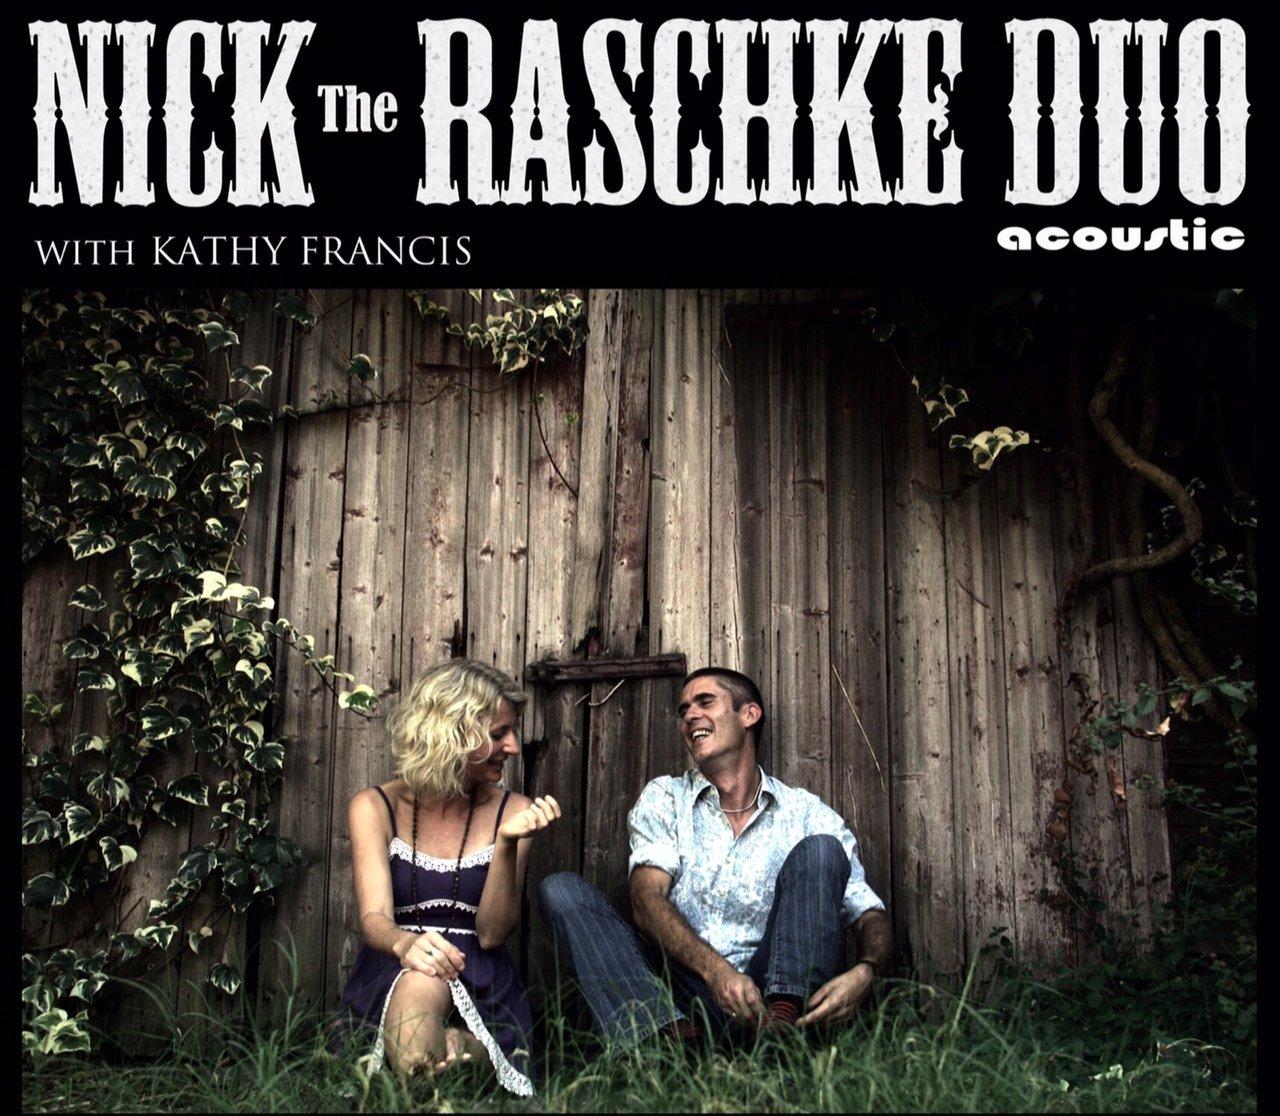 October 1 2015 Rachel Cericola 1 Comment: The Nick Raschke Duo